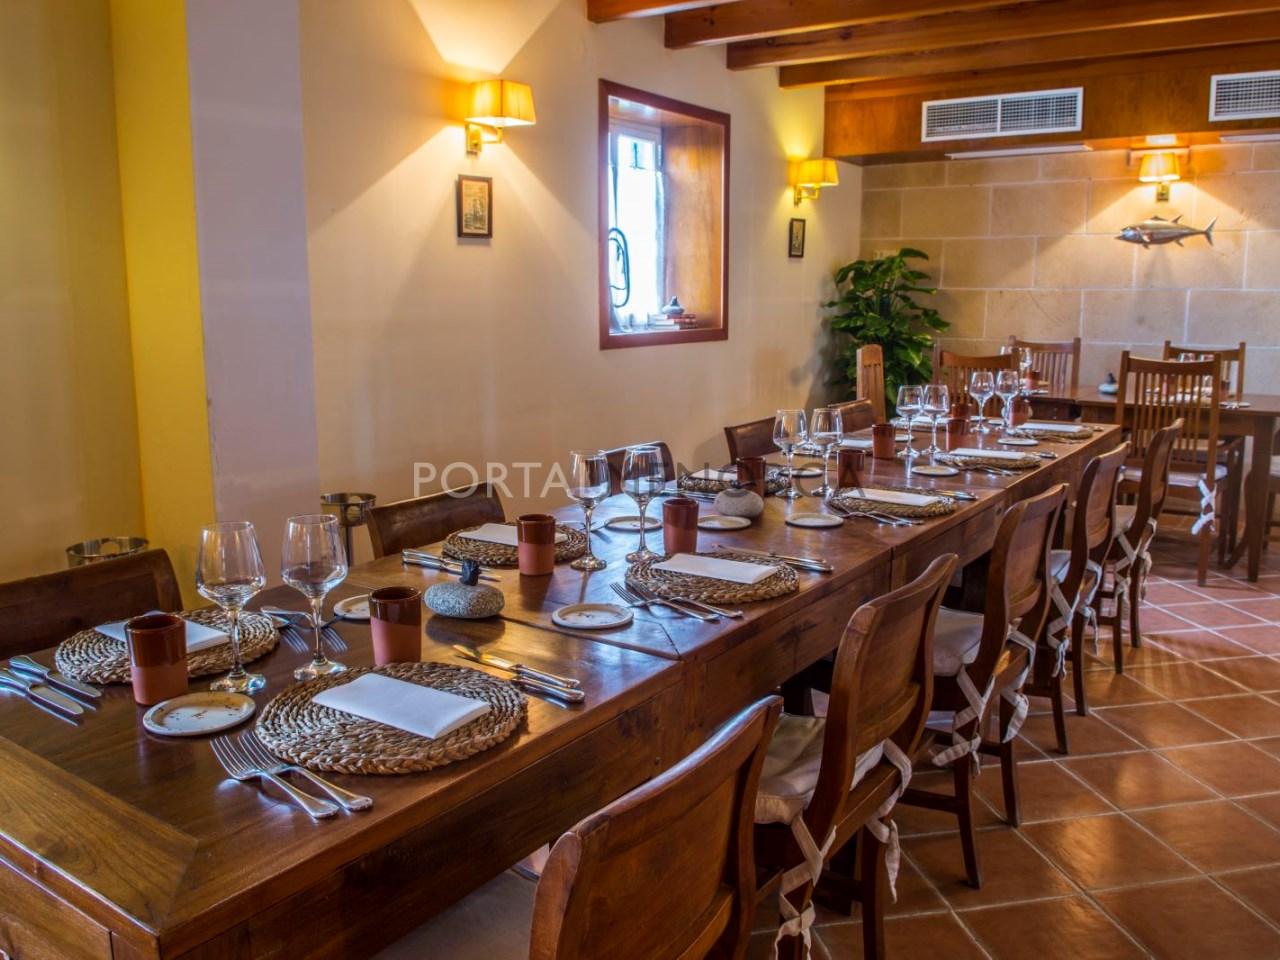 hotel-venta-menorca (3)